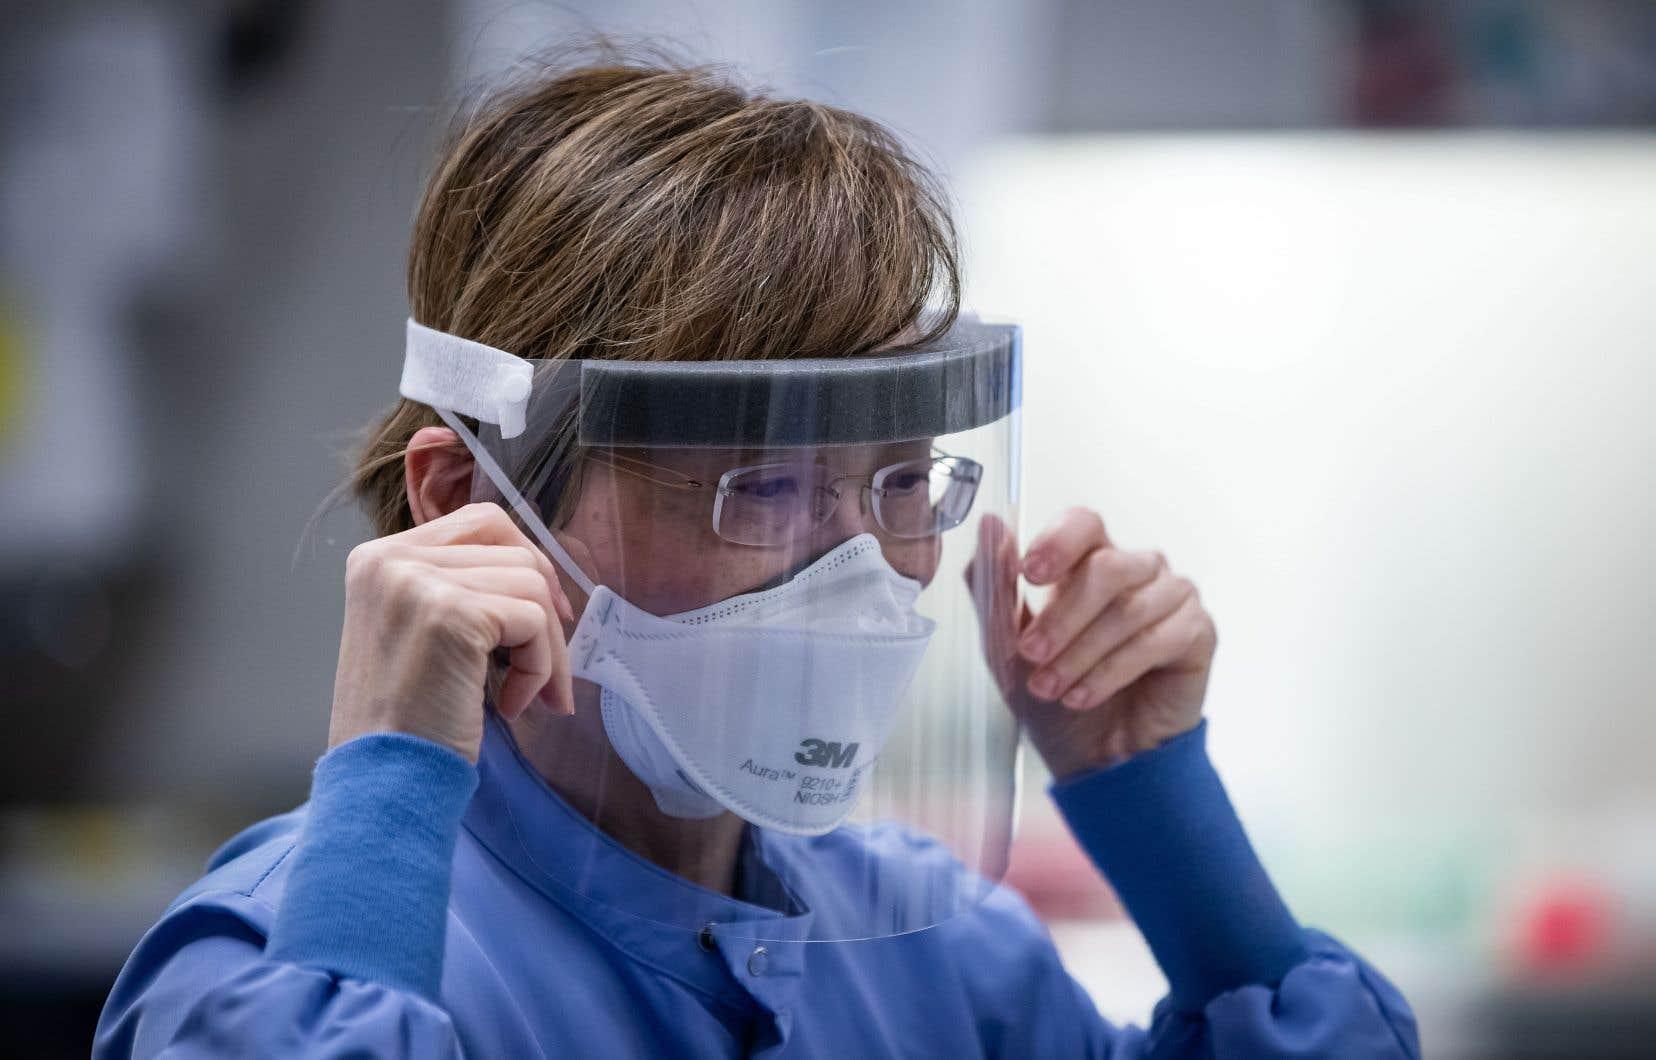 Ces masques pour usage sanitaire et industriel ont été commandés par la filière canadienne de Protective Industrial Products, dont le siège social est à Laval.